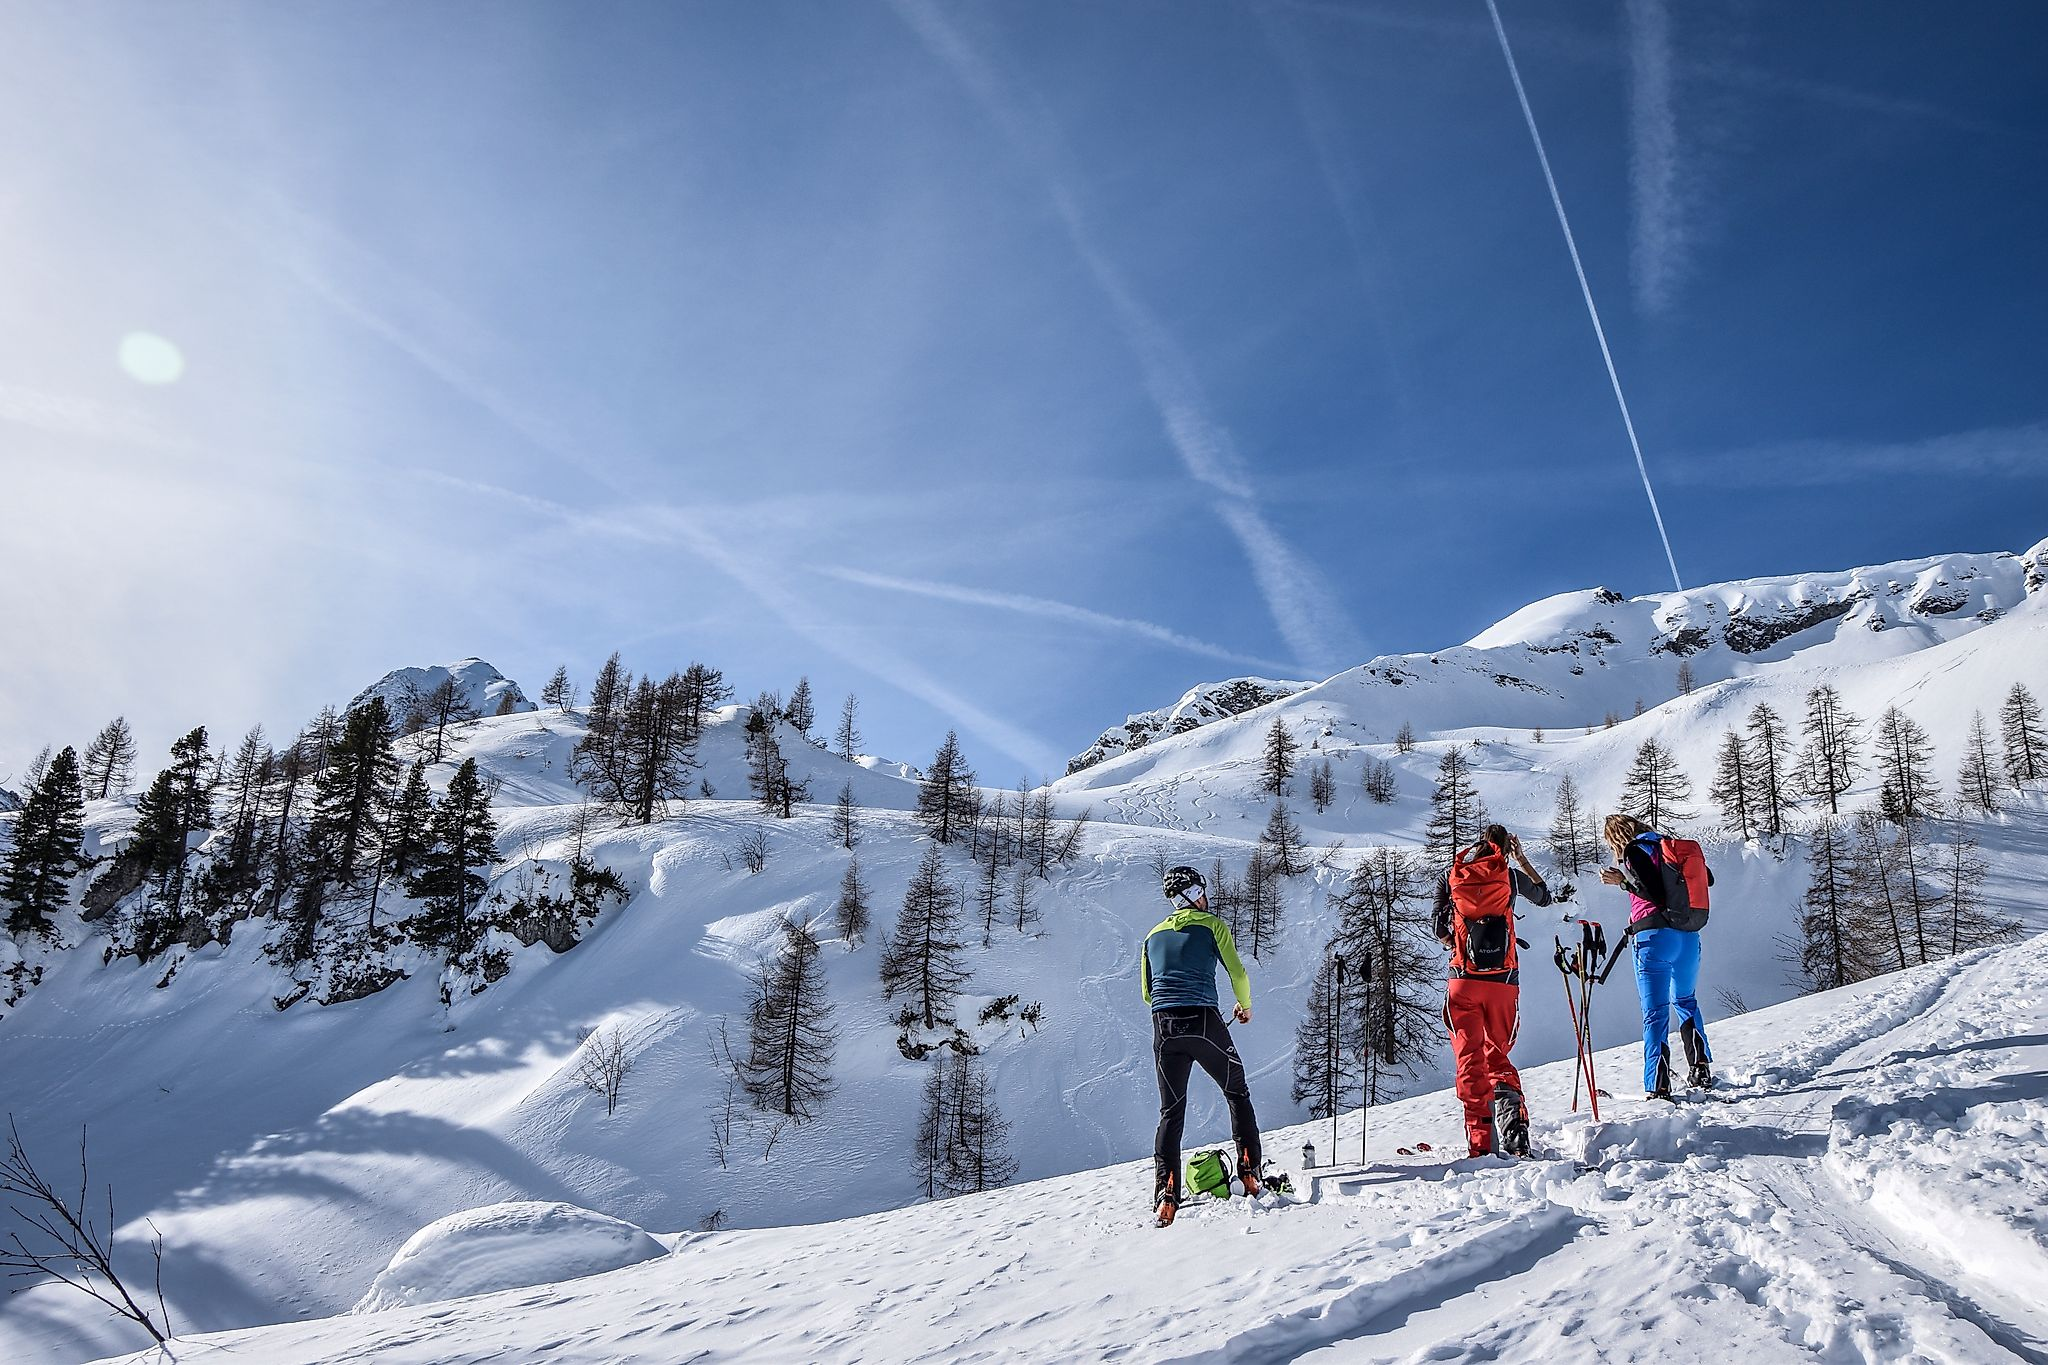 <p>Traum Skitour aufs Liebeseck. Ein Genuss für Outdoorfans</p>